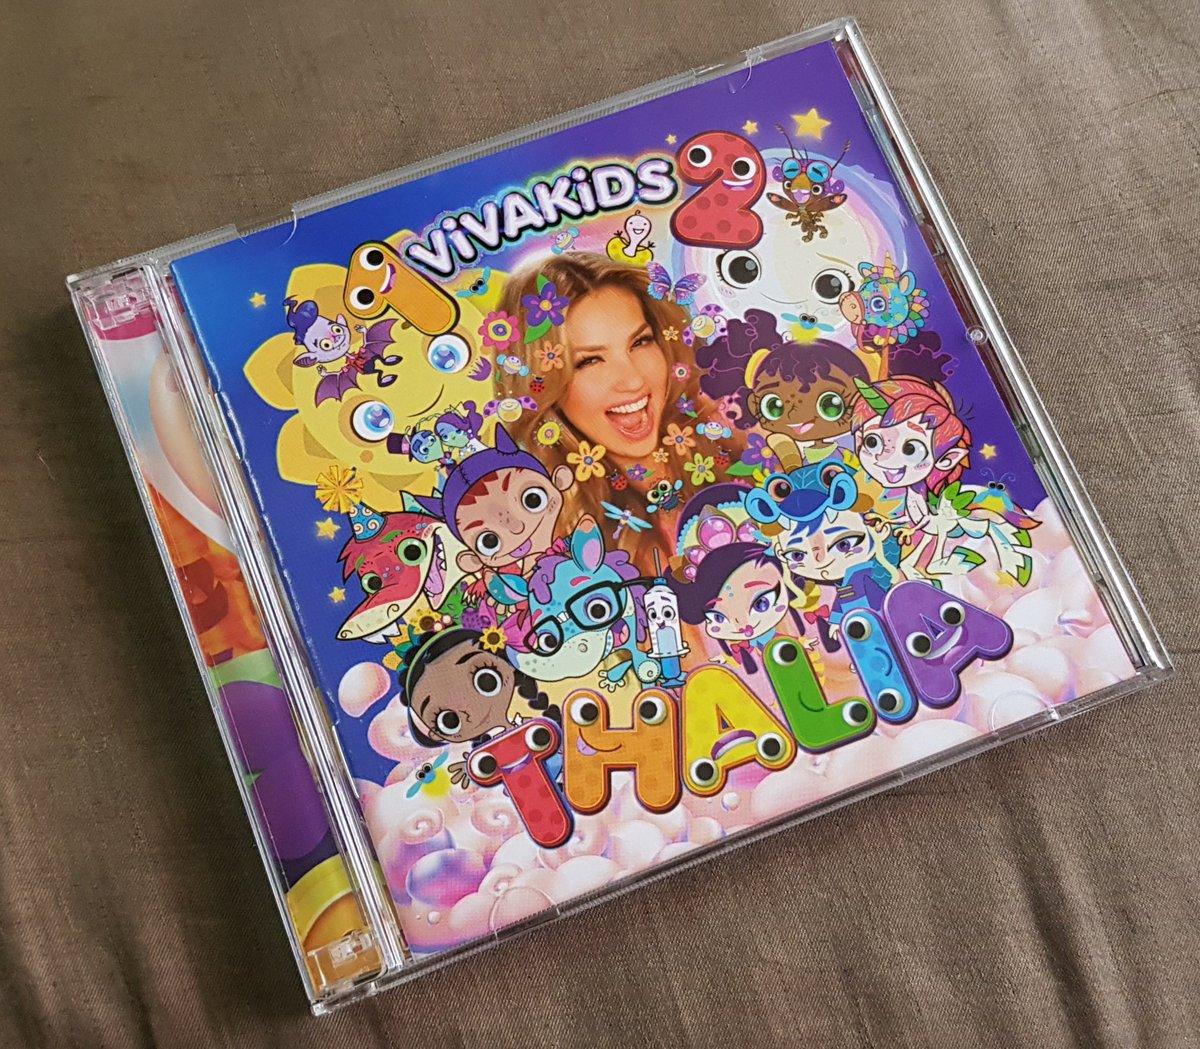 Pues ya tengo el disco físico de @thalia #VivaKids 2 su álbum infantil y esta muy padre. Pero no entiendo porque @sonymusicmexico  metió el cd del 1, sobretodo porque ya muchos lo teníamos en su edición de CD + DVD, no hubiera estado mejor sacar este segundo volumen con DVD??